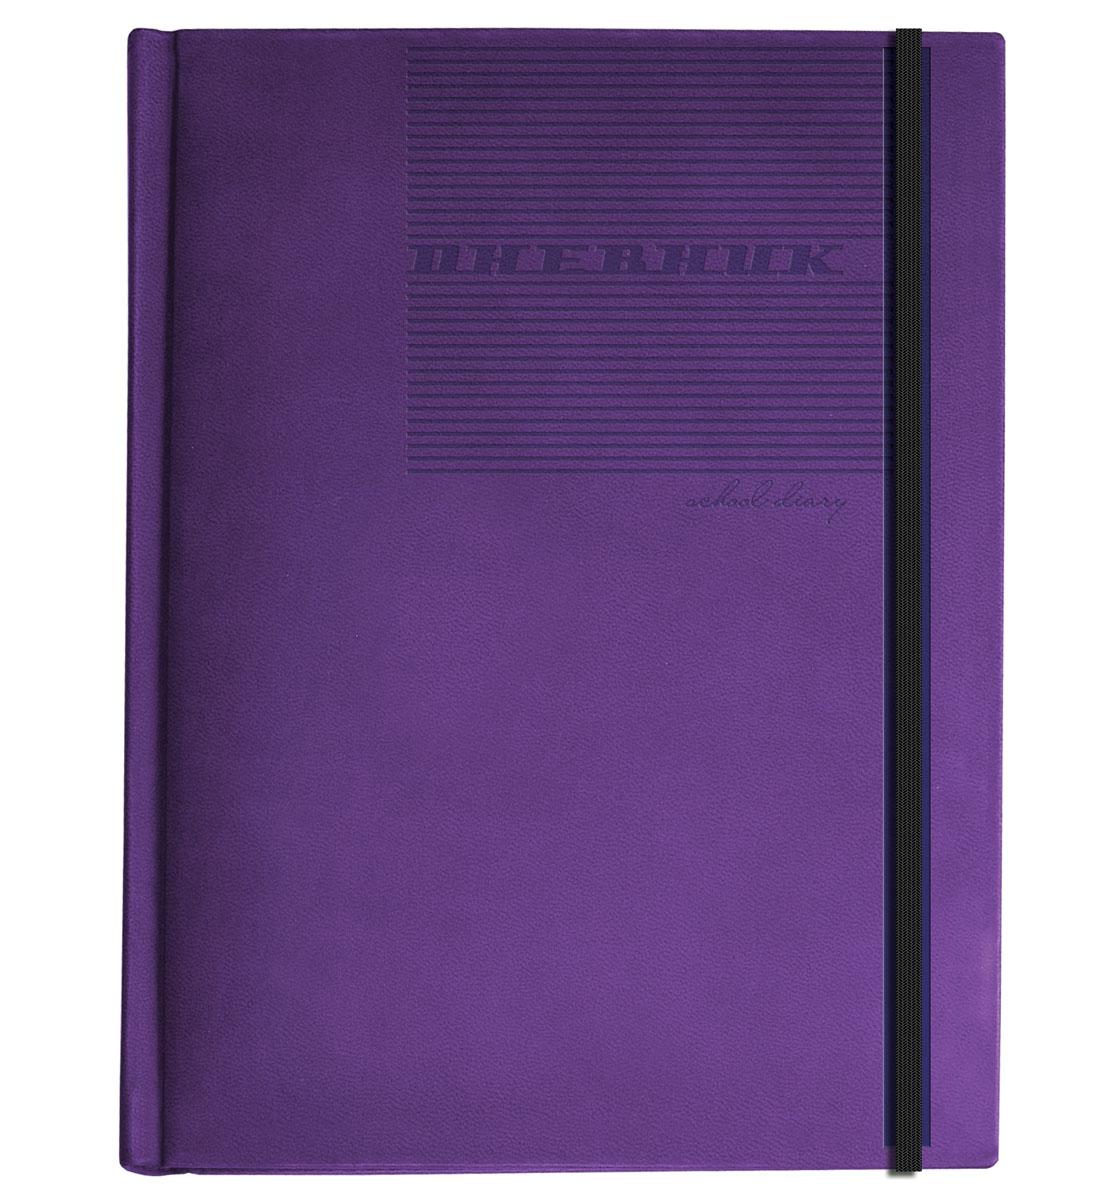 Альт Дневник школьный Megapolis Velvet цвет фиолетовый10-071/13Обложка дневника имеет твердую, жесткую основу. Переплетный материал с гладкой фактурой обладает прорезиненным эффектом. На нем выигрышно смотрится бесцветное термотиснение и надпись «Дневник». Обложка формата А5 имеет стильные закругленные края, а для фиксации в закрытом виде предусмотрена черная резинка. Внутренний блок сделан из бежевого офсета 60 г/кв м. 96 страниц на сшивке нитками структурированы по разделам согласно стандартам системы образования. Последнюю страницу ученик заполняет самостоятельно, внося названия предметов в отведенные графы. Внутри есть тонкая закладка-ляссе.